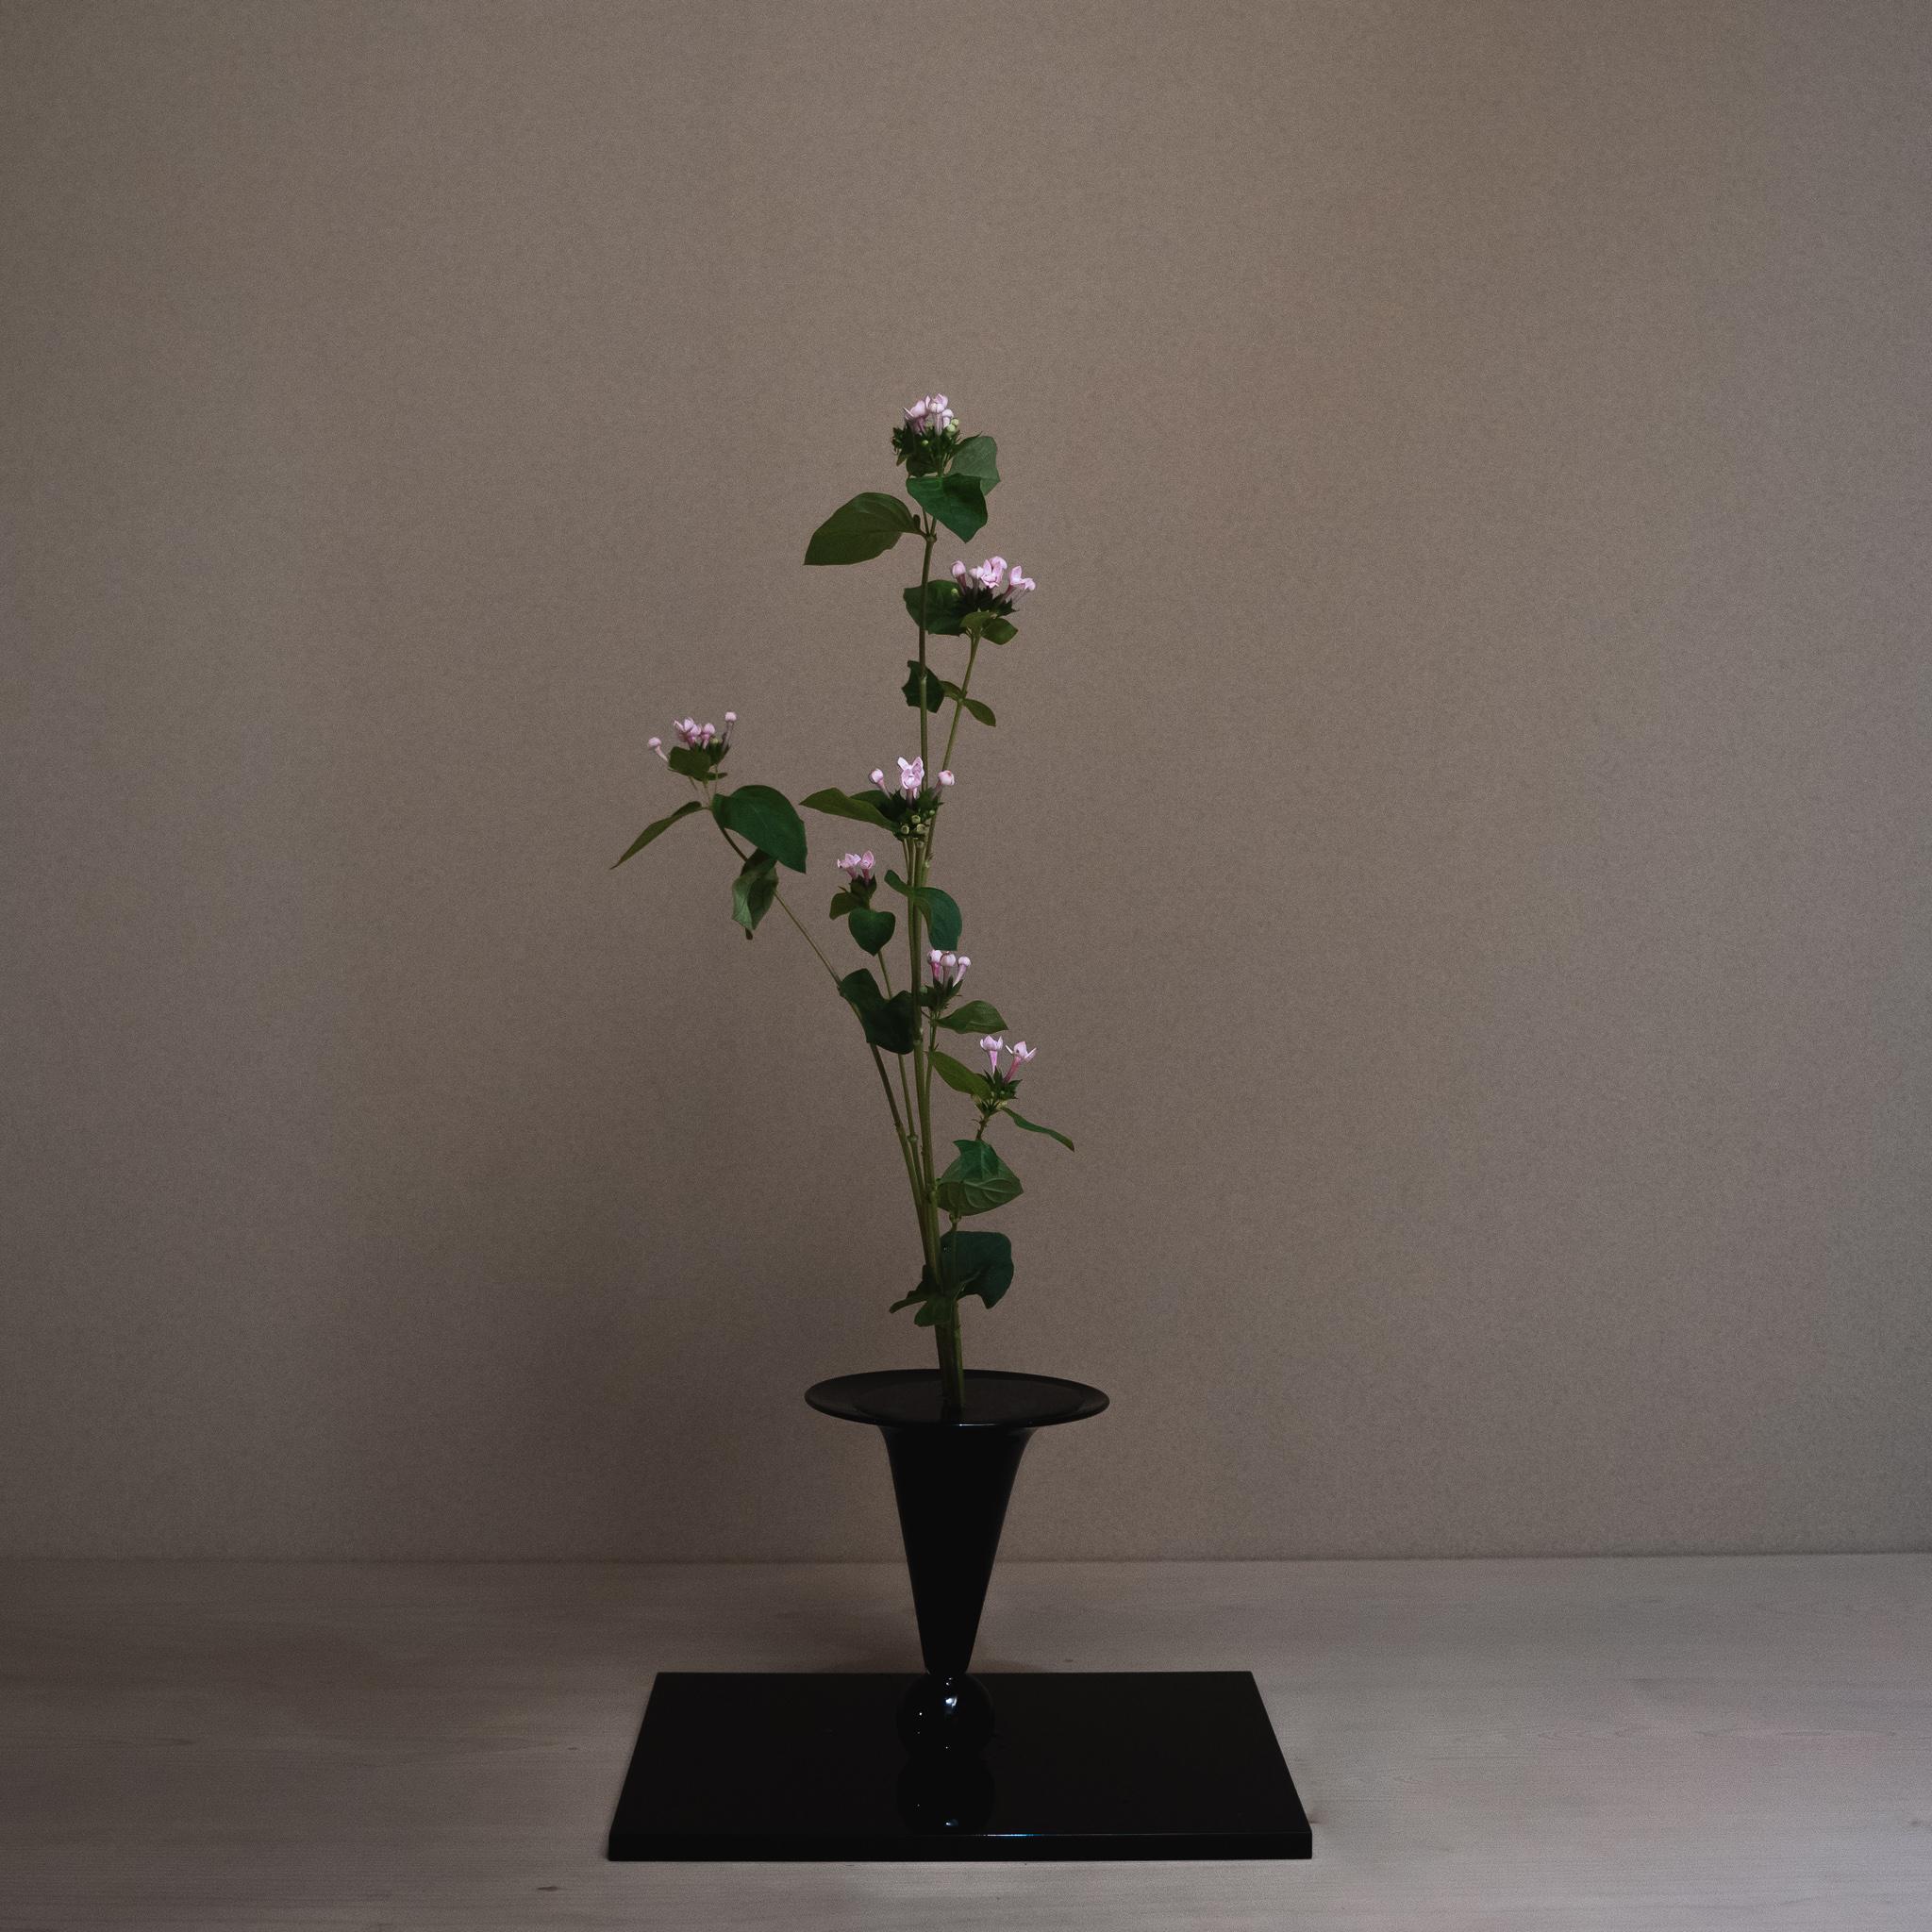 新しい花を伝統的な様式でいかす